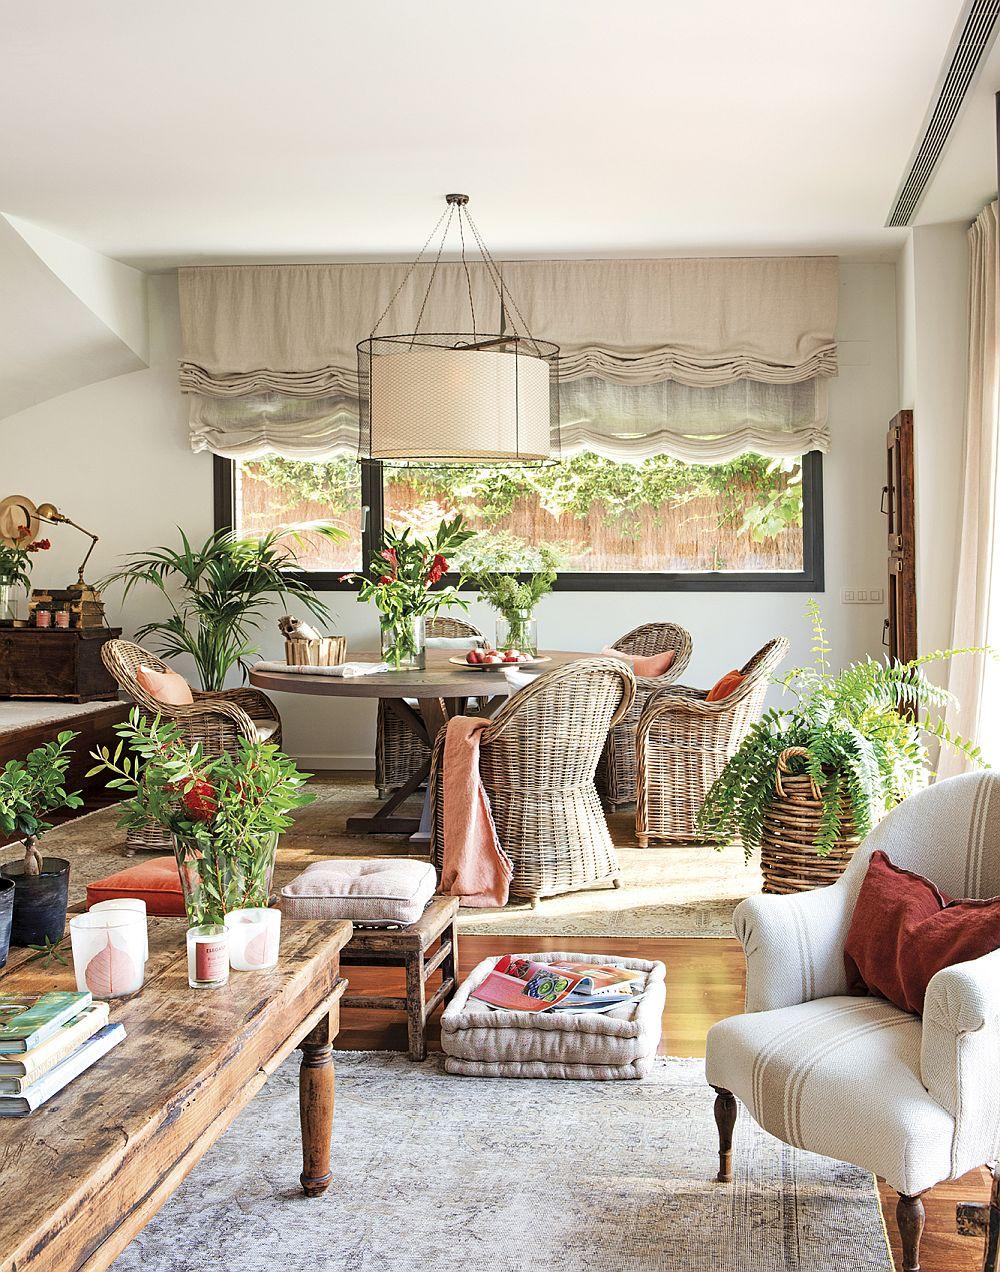 Zona de conversație din living comunică deschis cu sufrageria. Prezența plantelor contează mult în decorul rustic vizat.